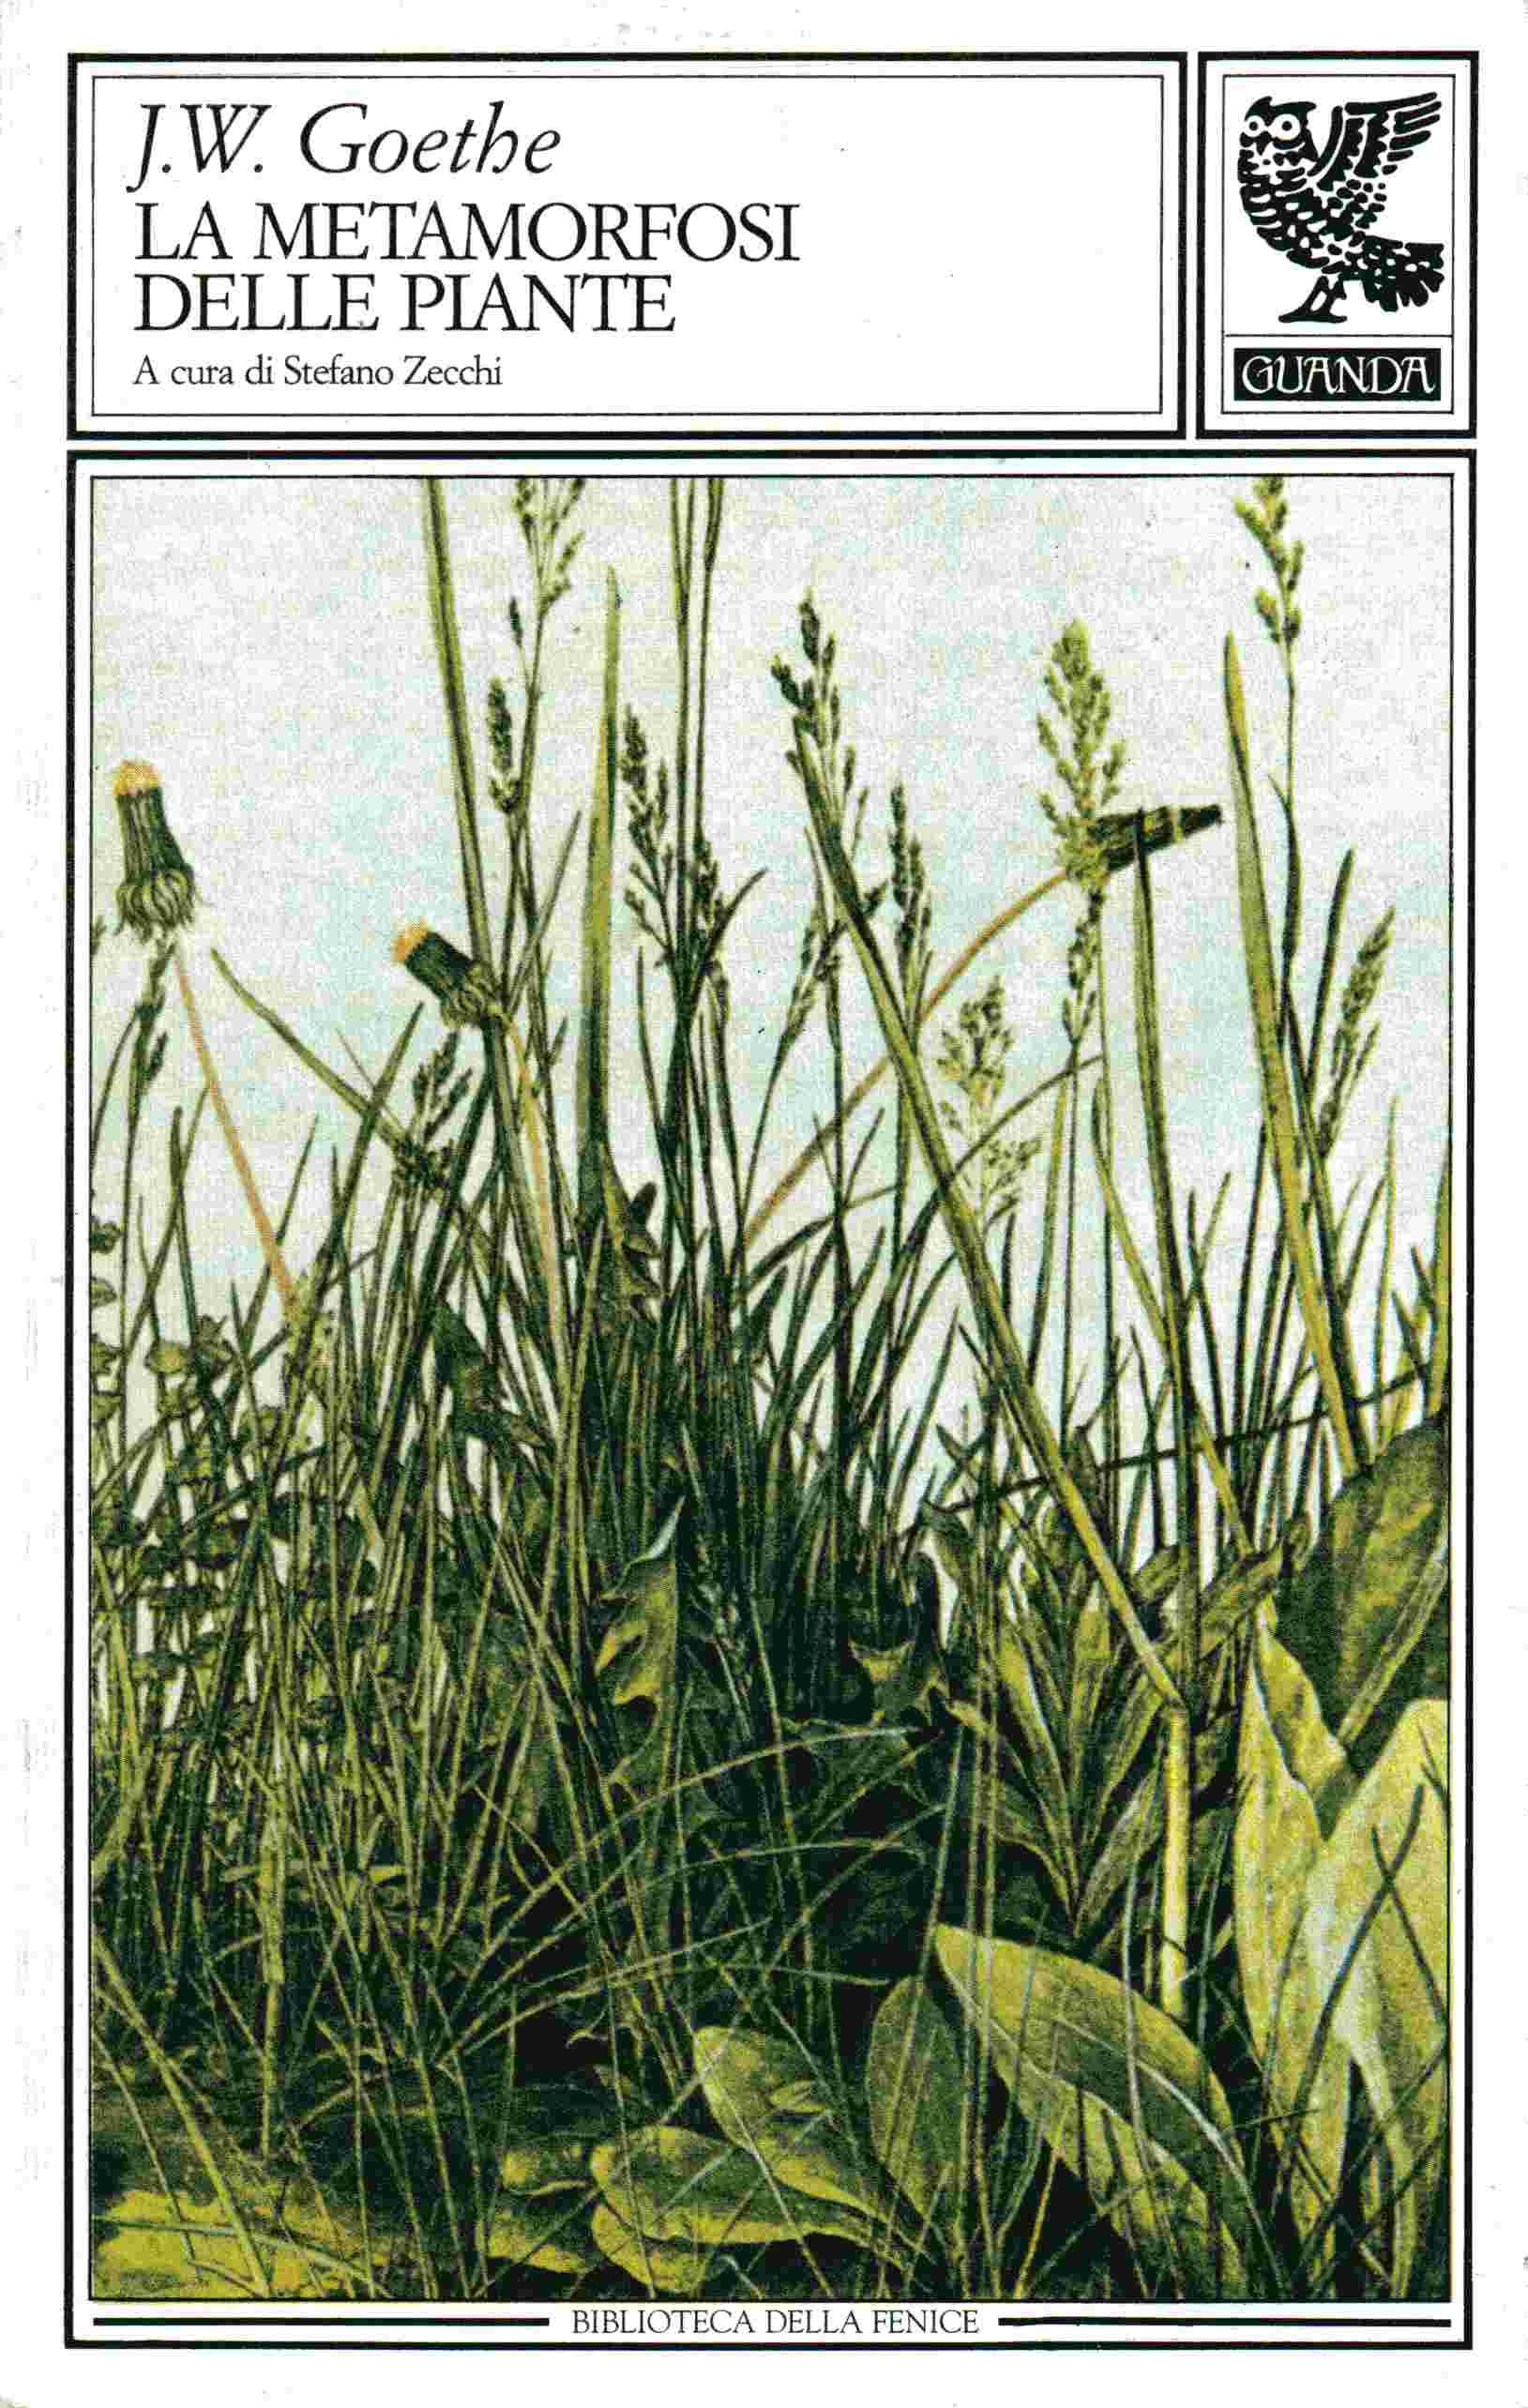 J W Goethe La metamorfosi delle piante e altri scritti sulla scienza della natura